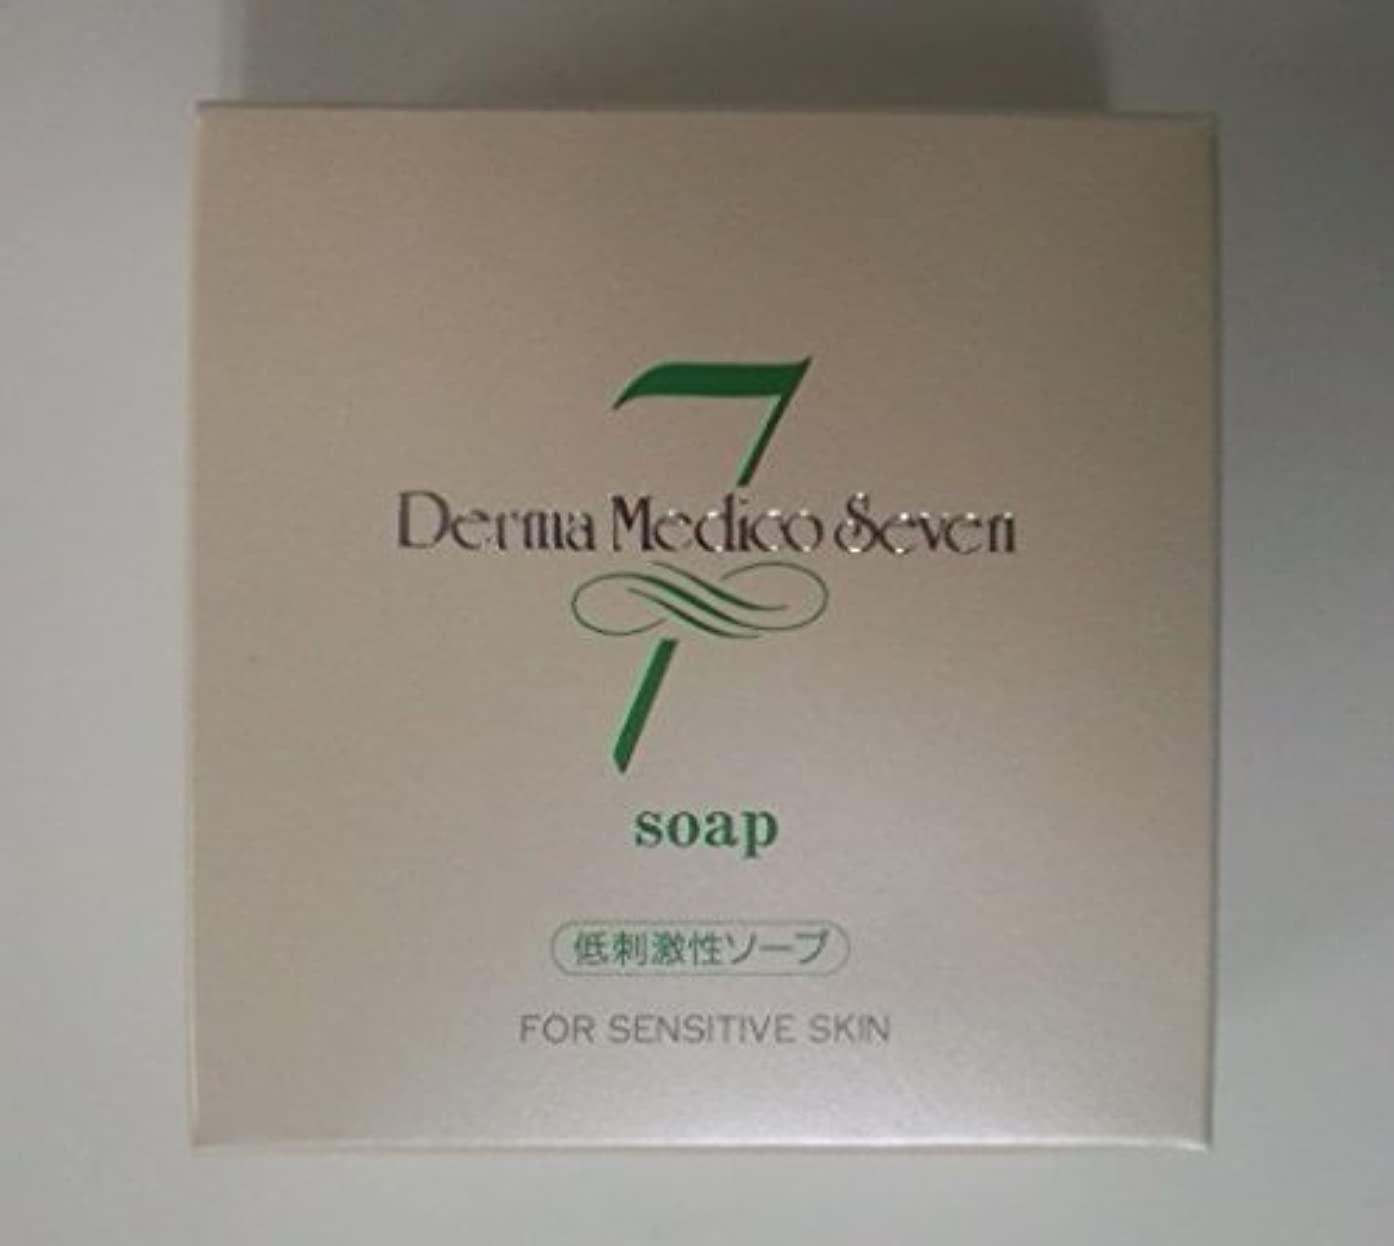 安全な協定意図的ダーマメディコセブン ソープ